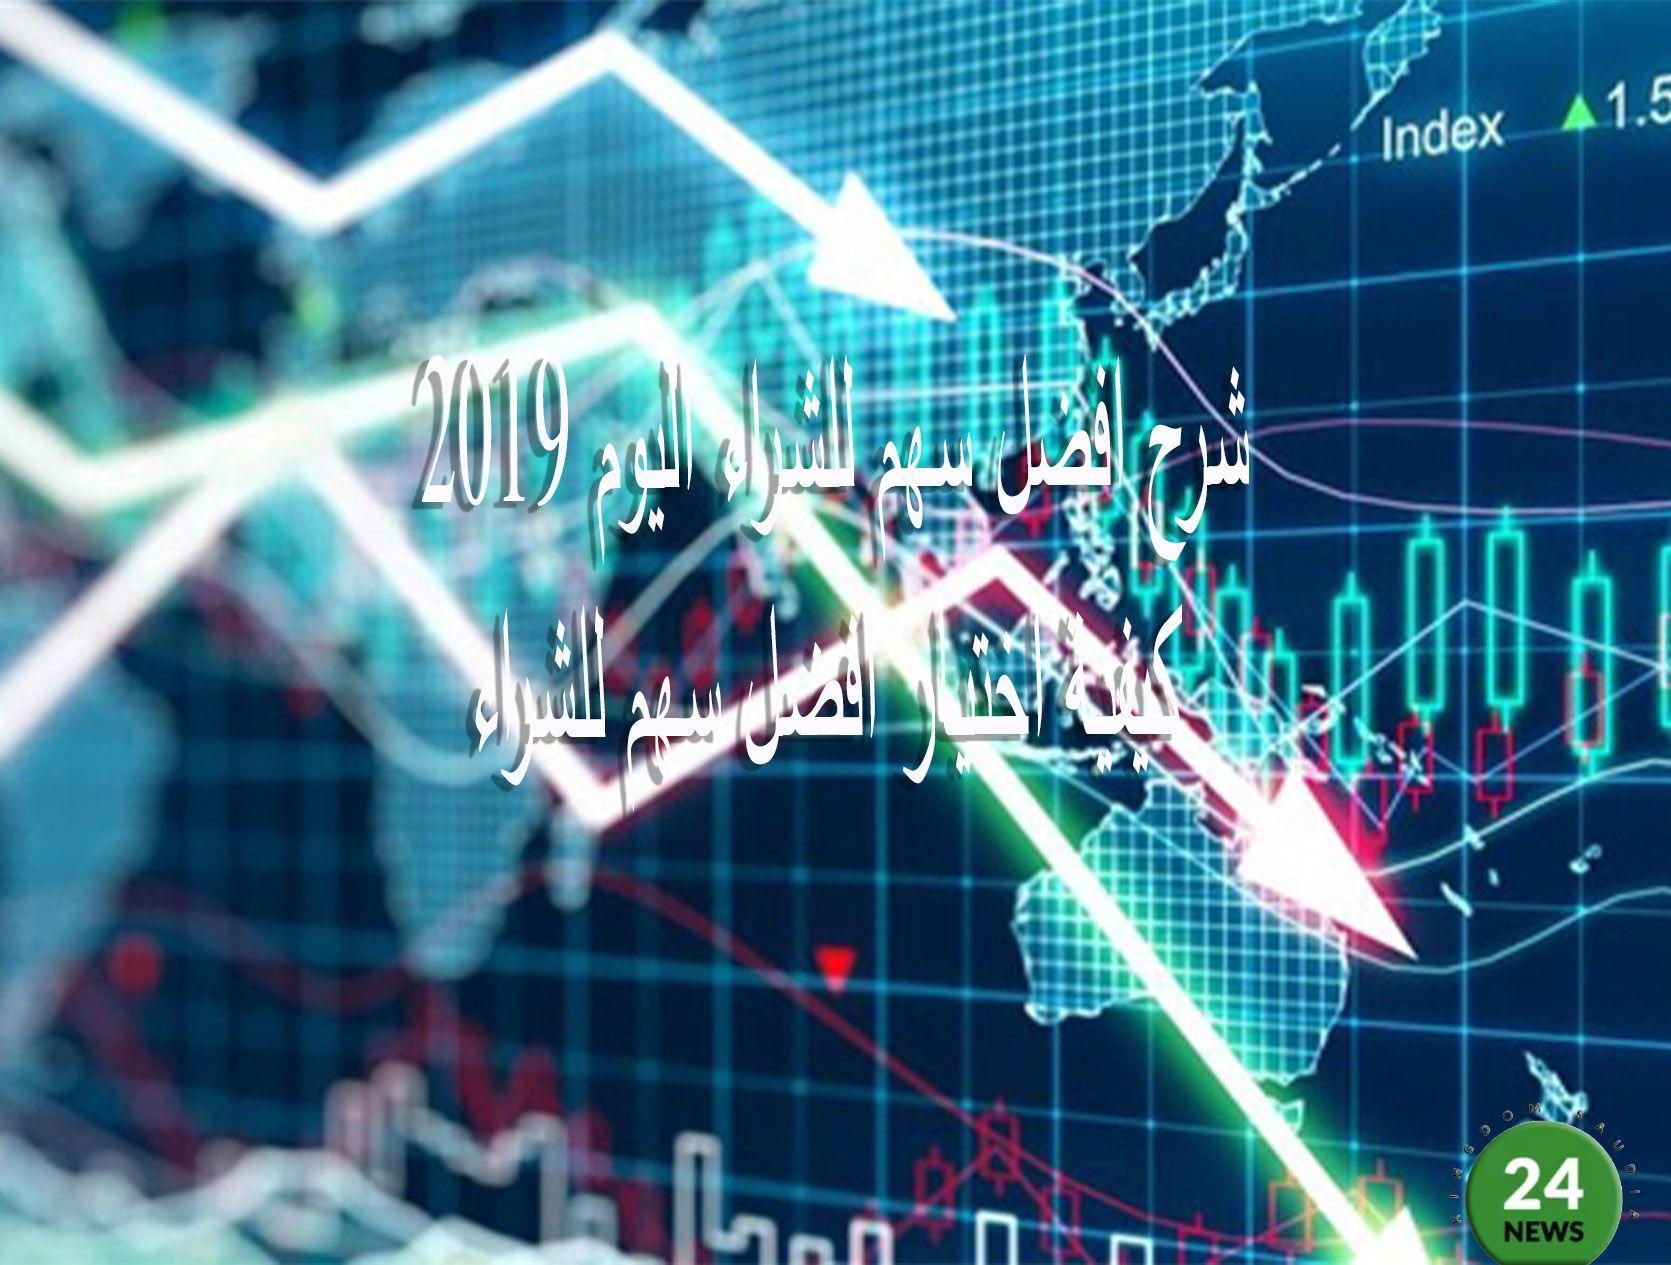 شرح افضل سهم للشراء اليوم 2019 كيفية اختيار افضل سهم للشراء Index